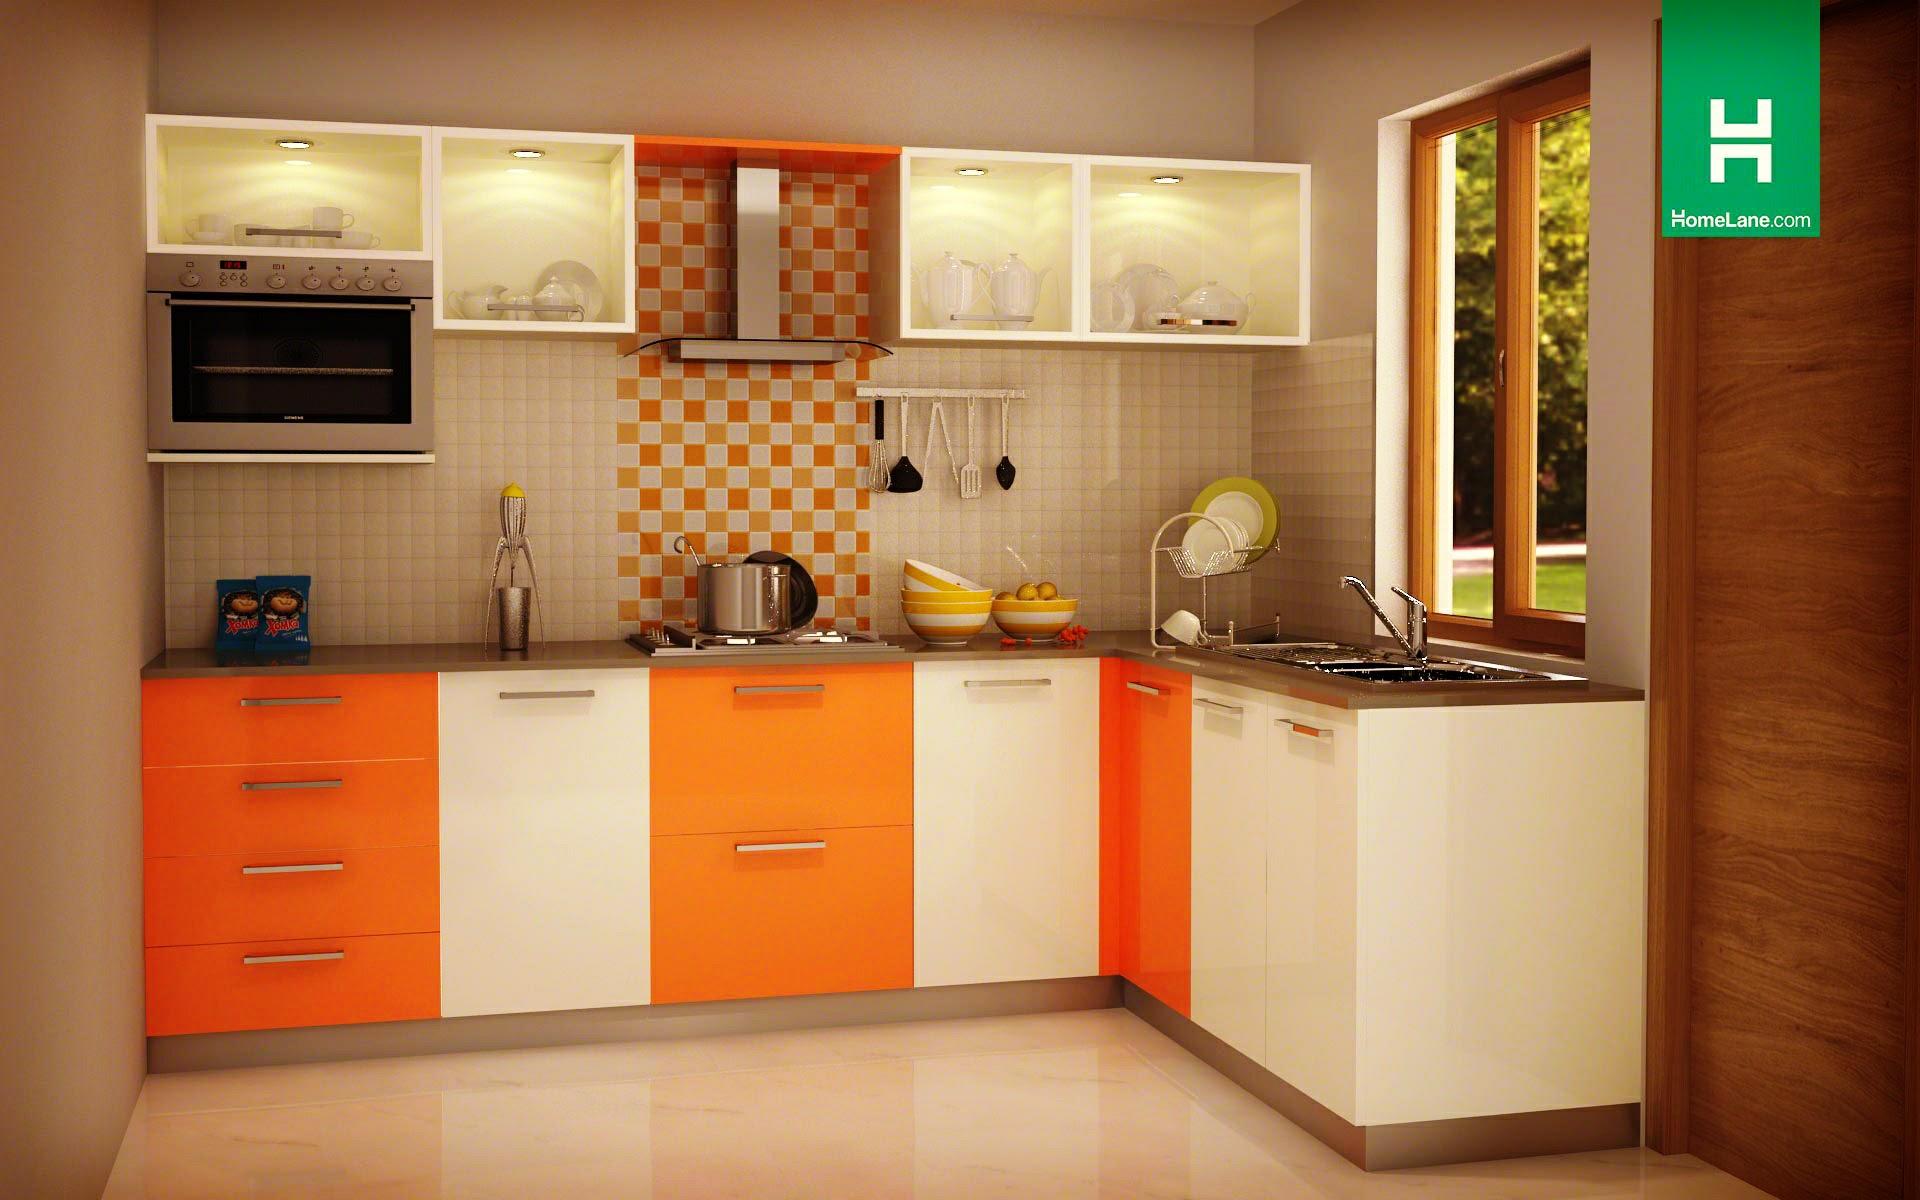 Full modular kitchen by Rajan Thapa, Nepal - Online ...